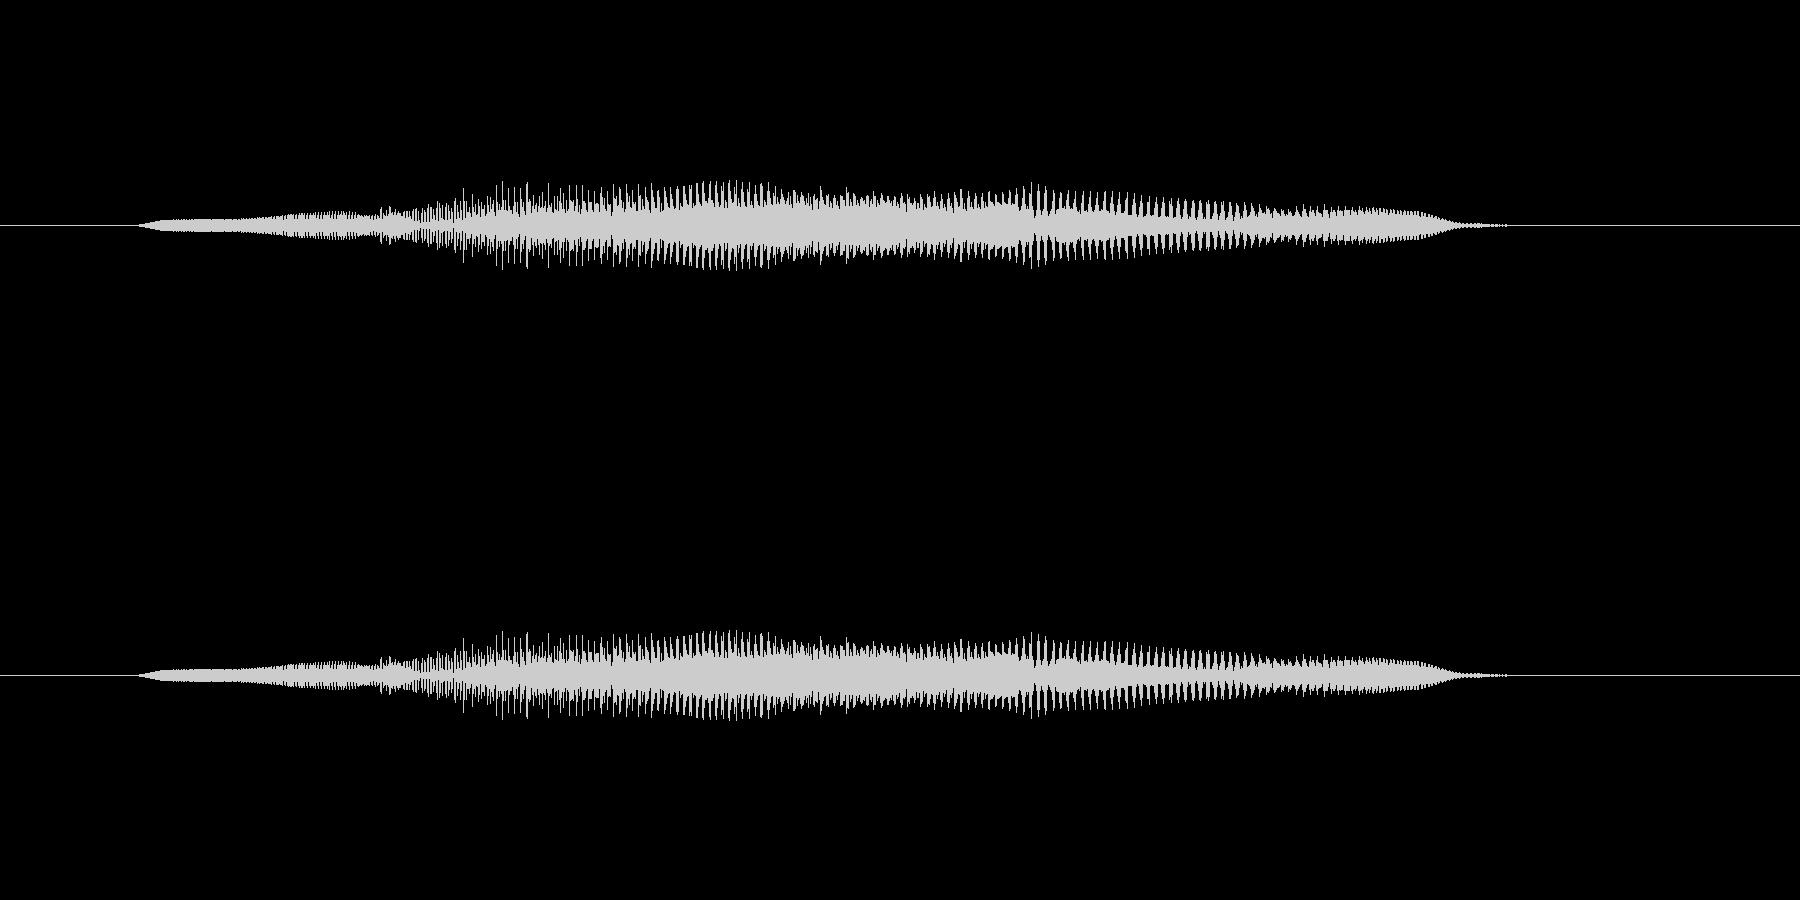 ニャー_猫声-12の未再生の波形